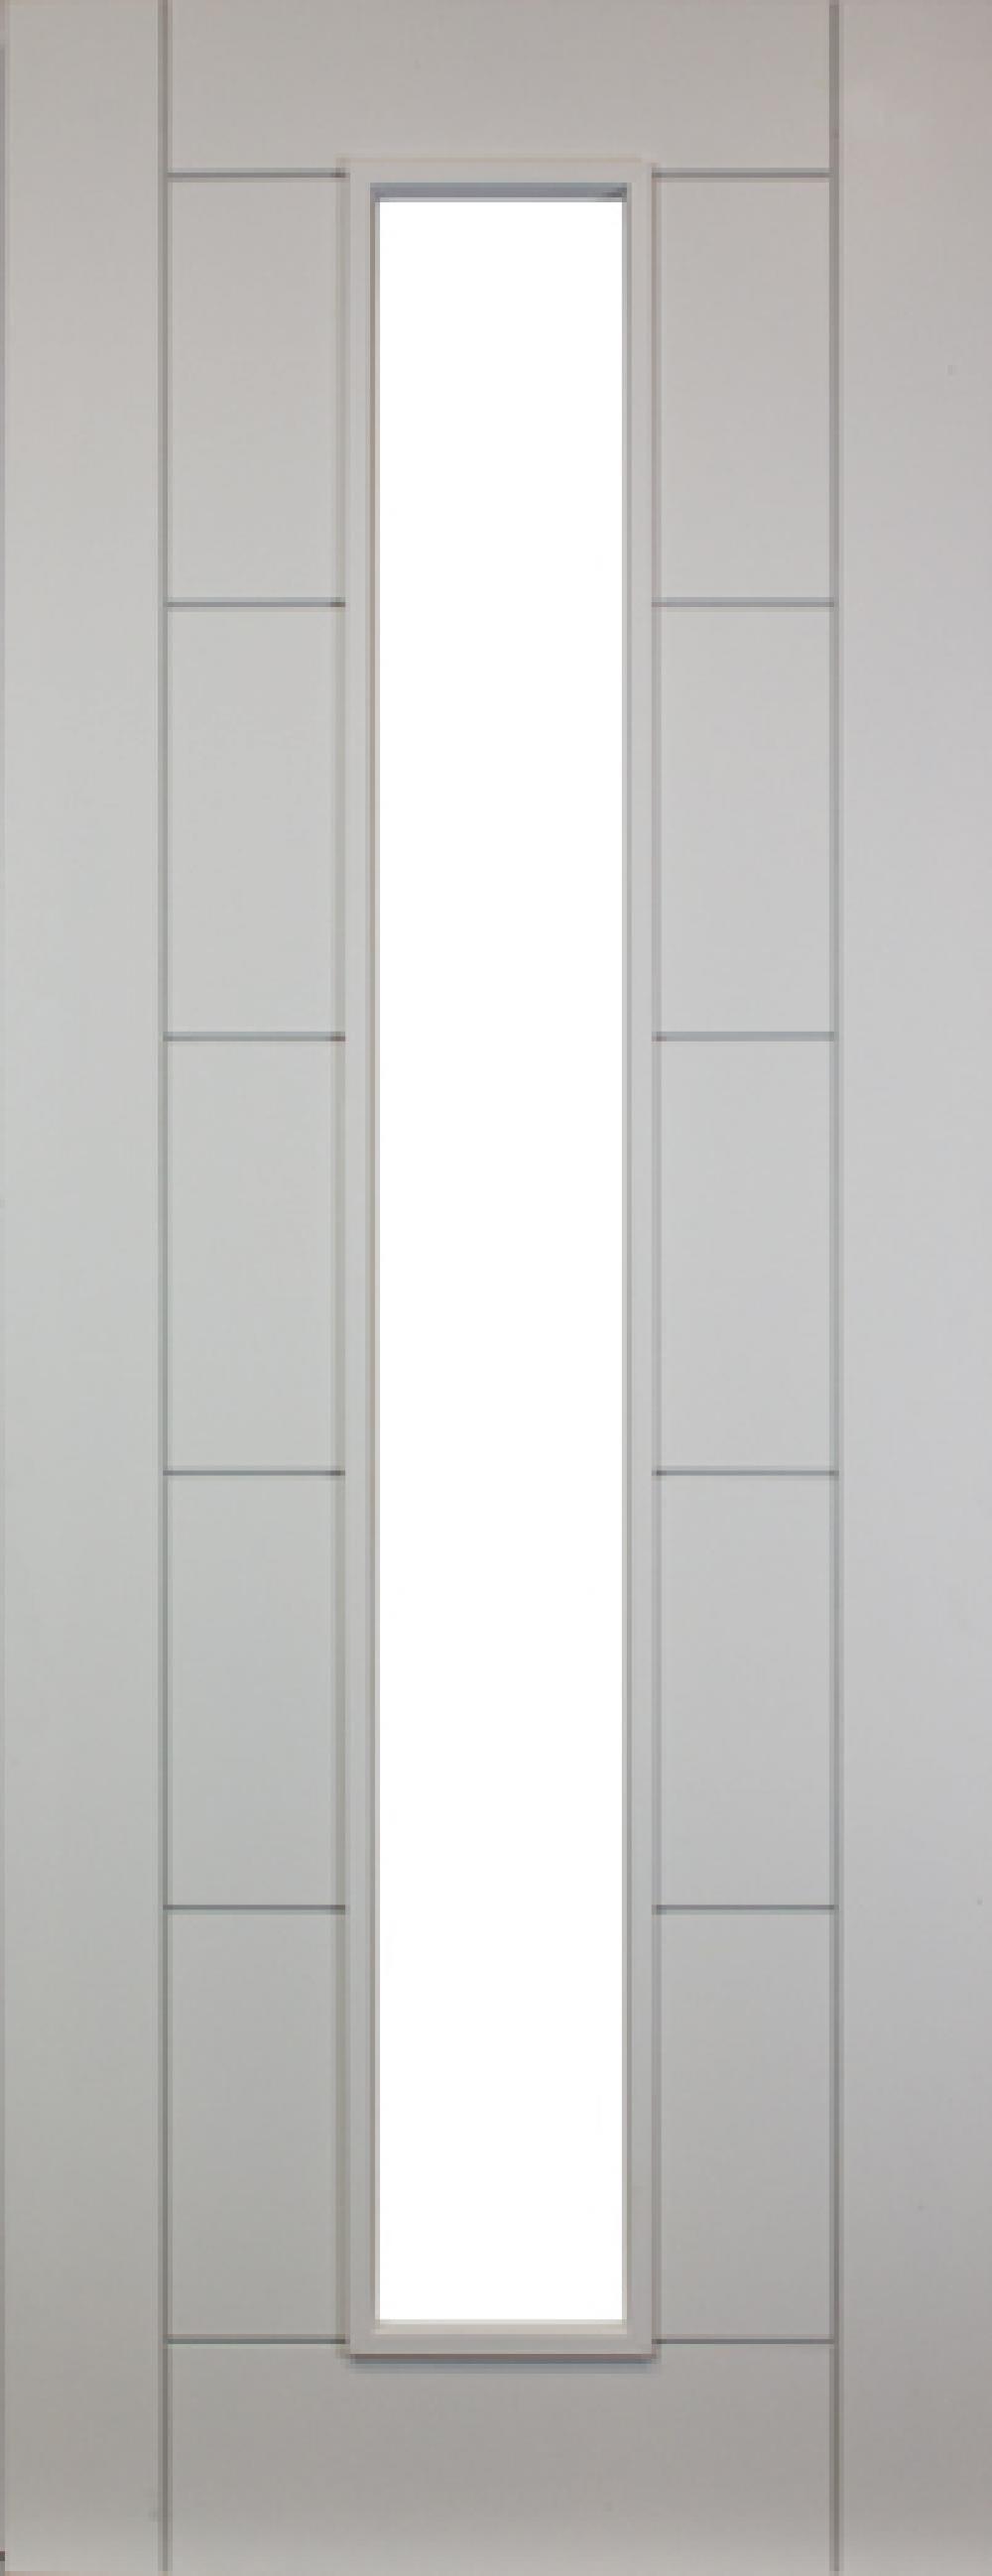 Seville White Glazed Image